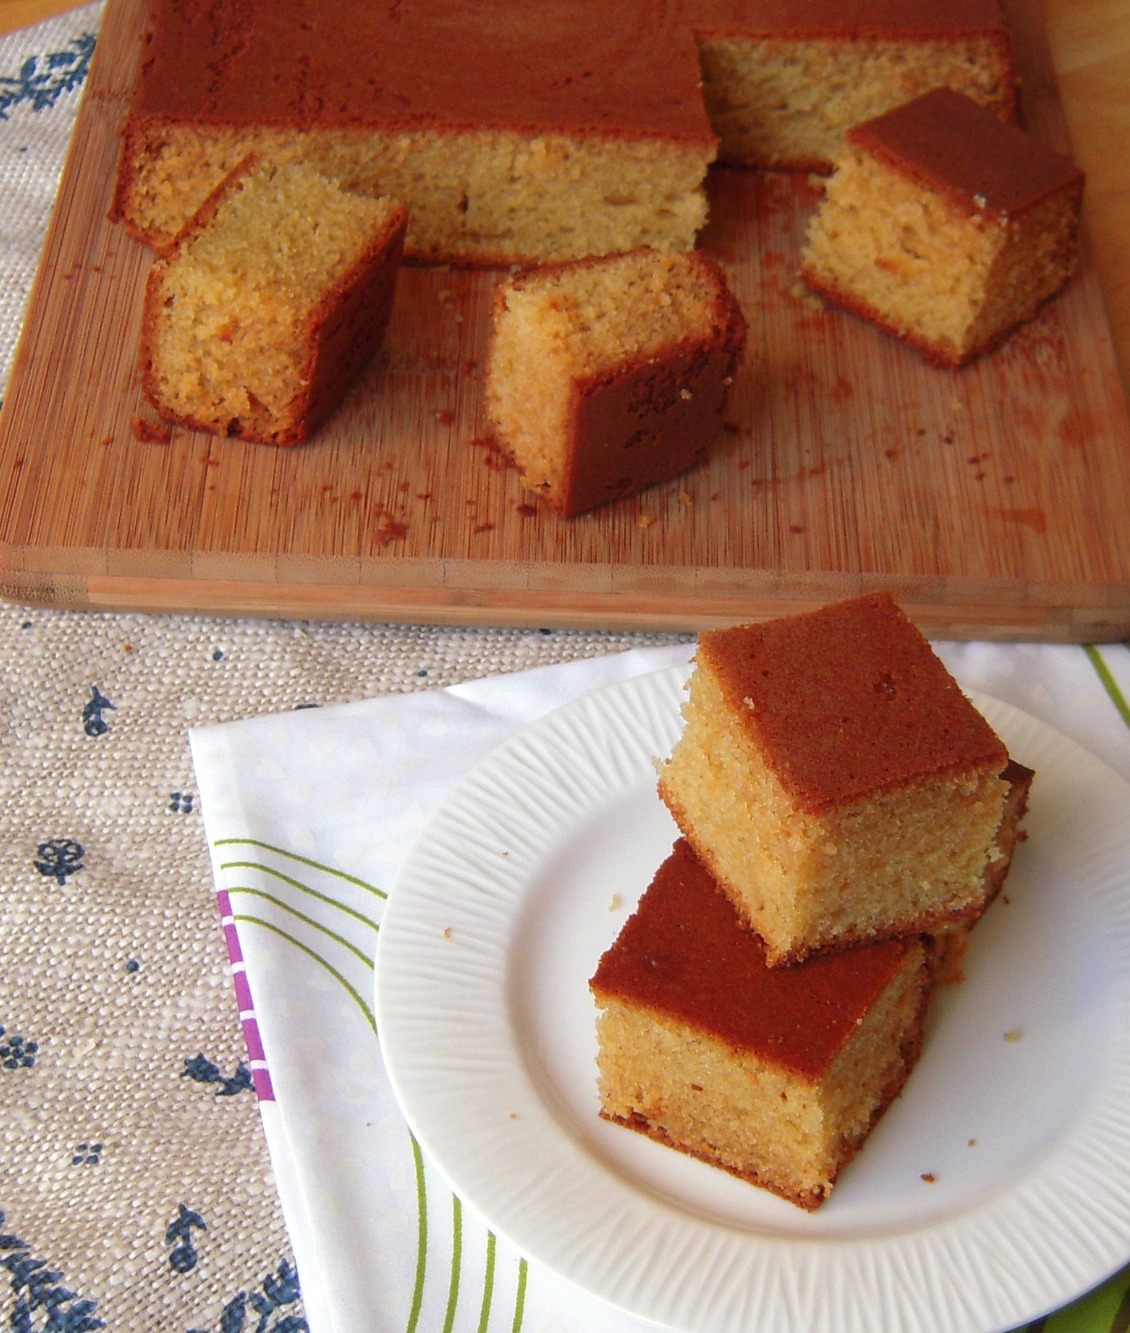 Condensed Milk Cake Recipes Cake With Condensed Milk